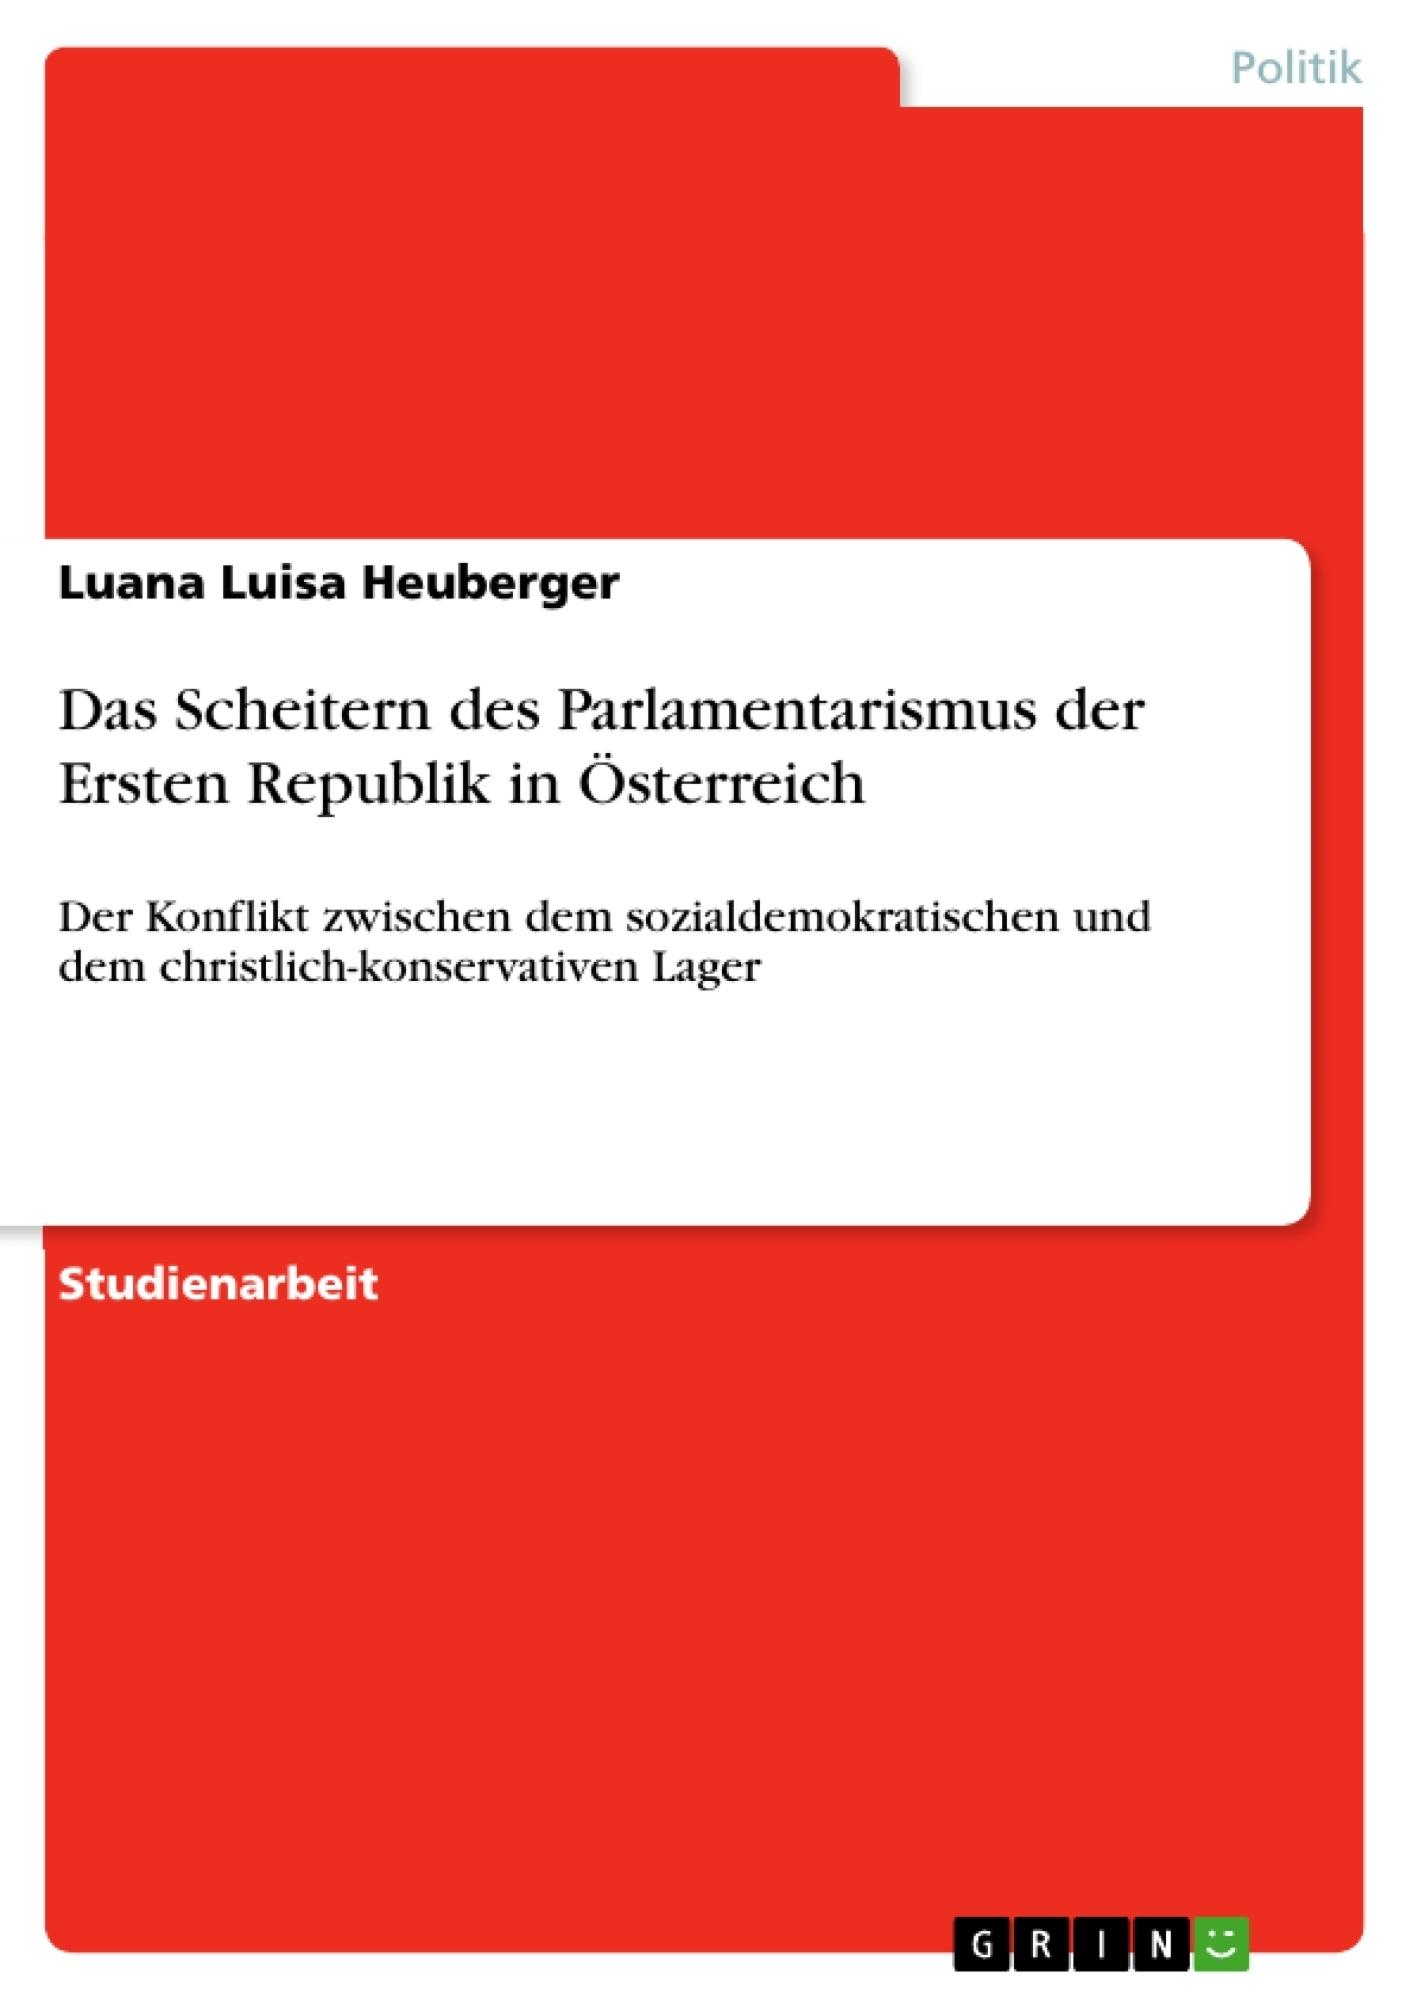 Titel: Das Scheitern des Parlamentarismus der Ersten Republik in Österreich